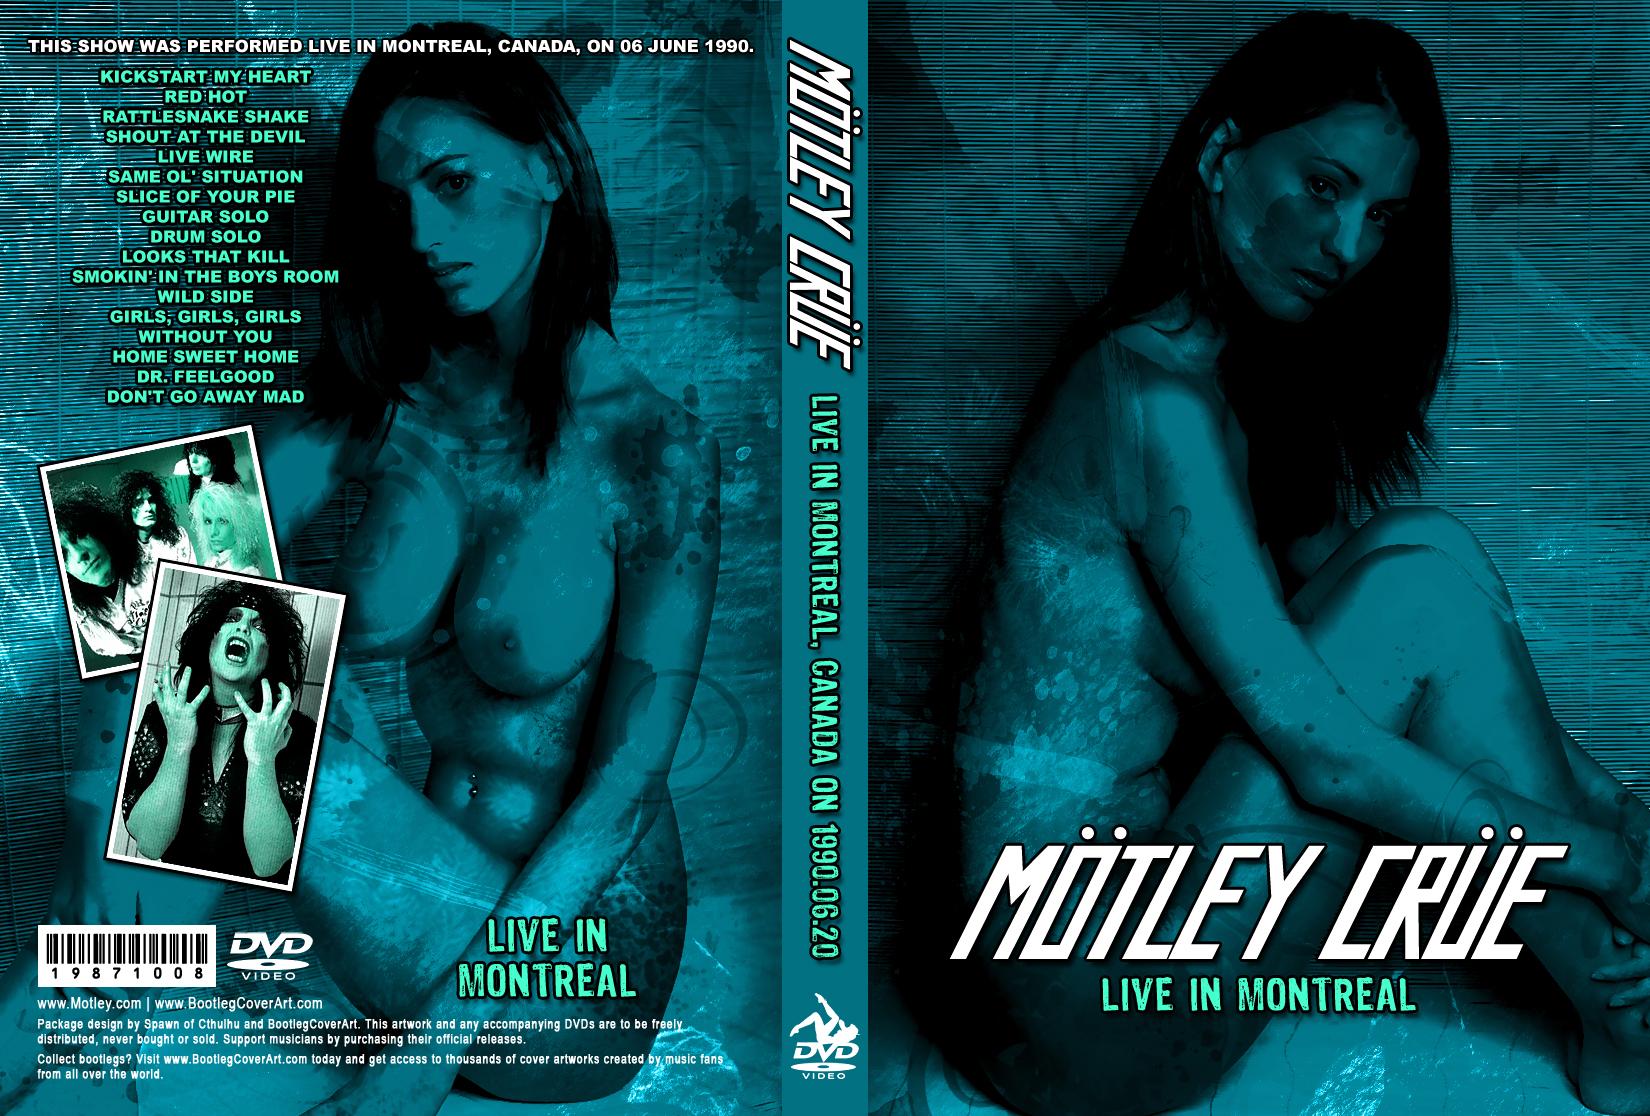 motley crue covers